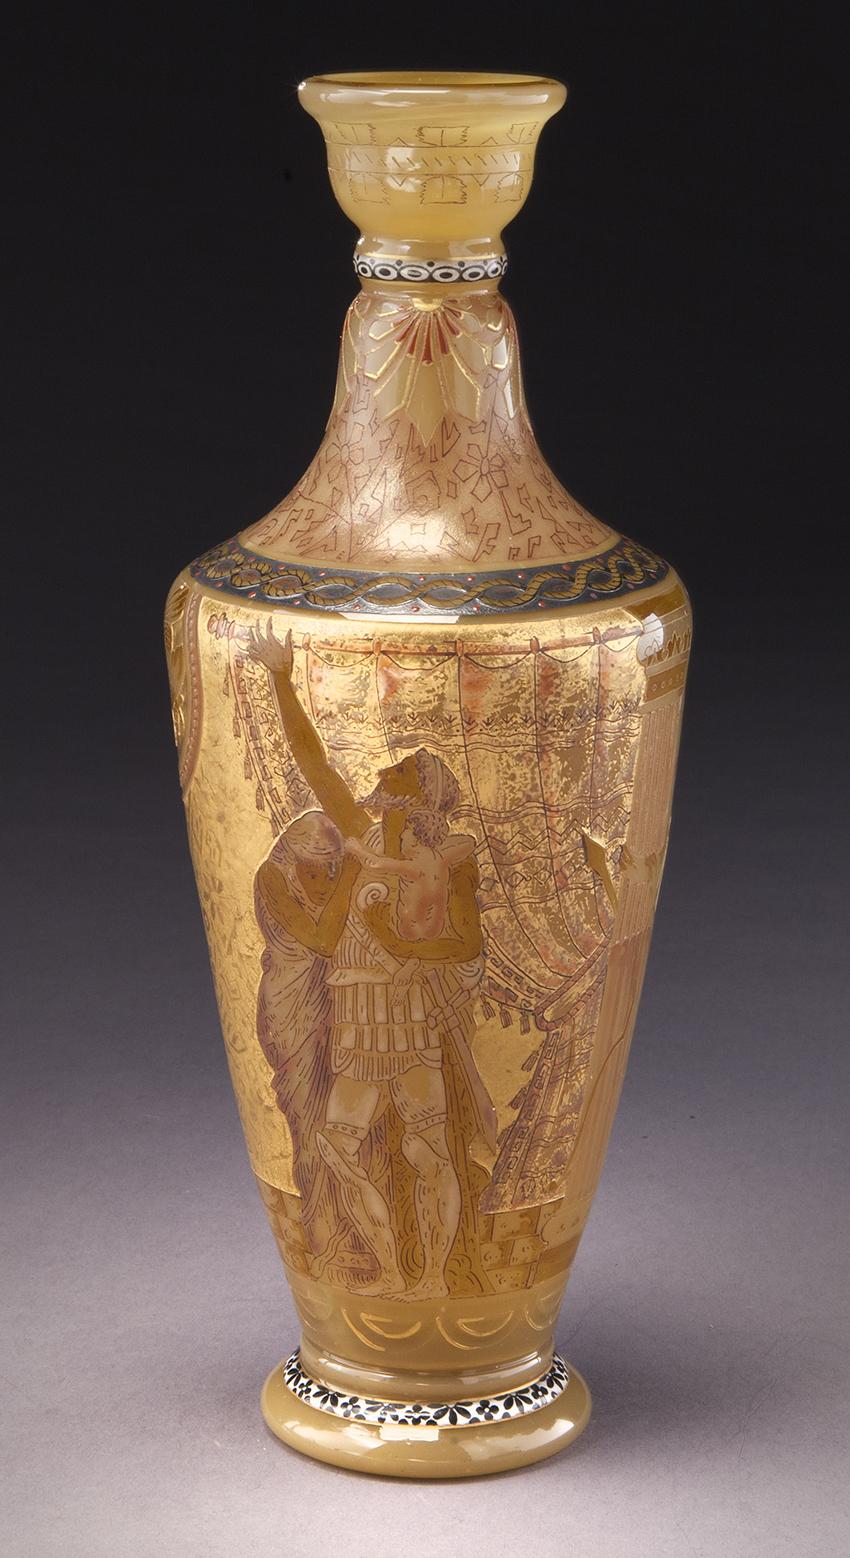 Burgun Schverer, vase en verre camée français, épaule en verre ambré orné de figures mythologique, circa 1890